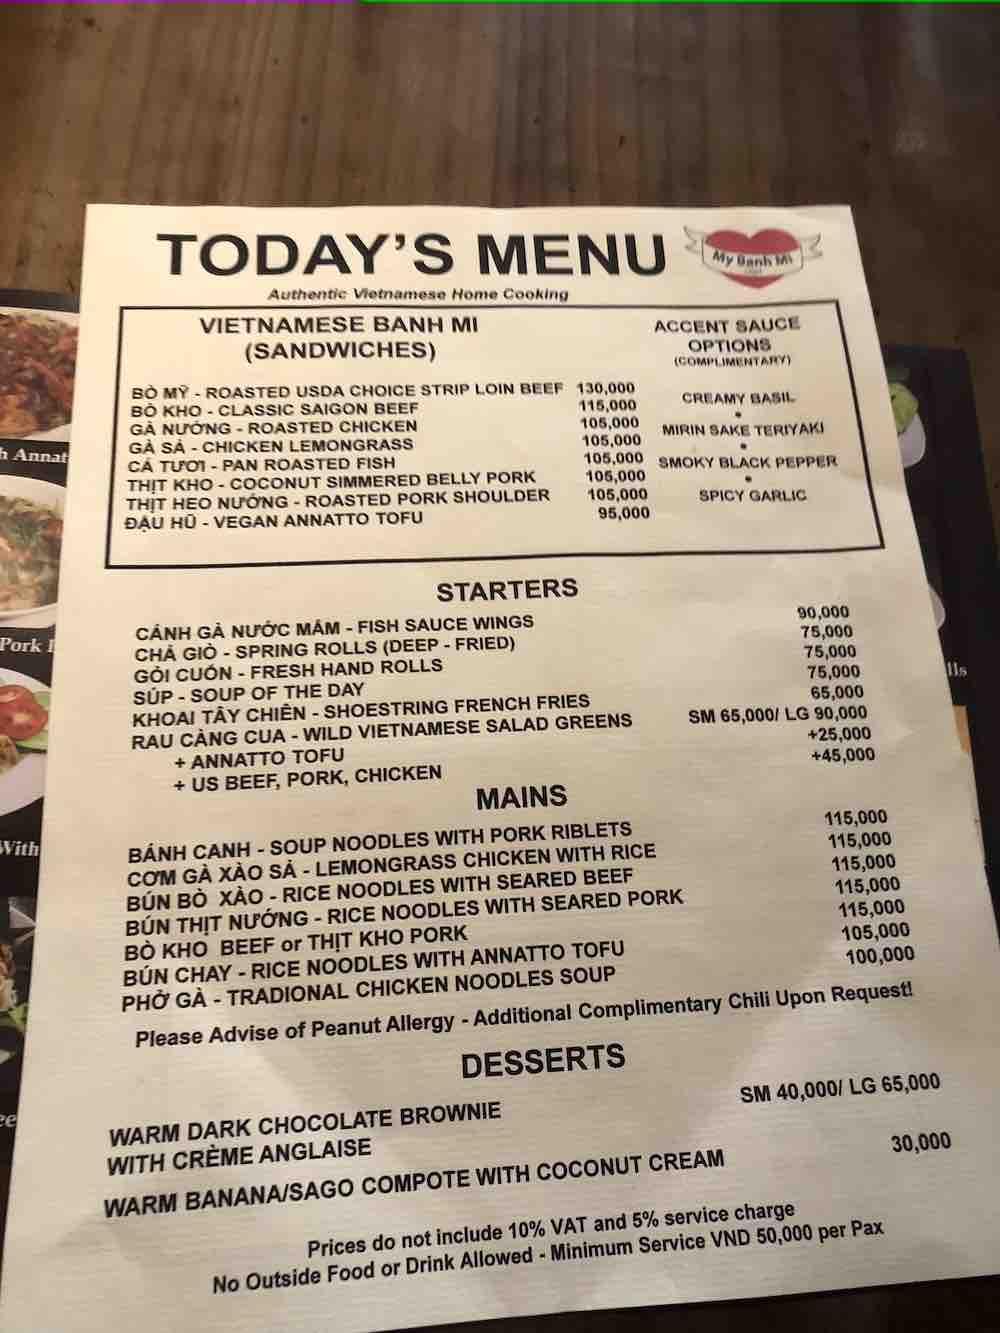 MyBanhmi menu